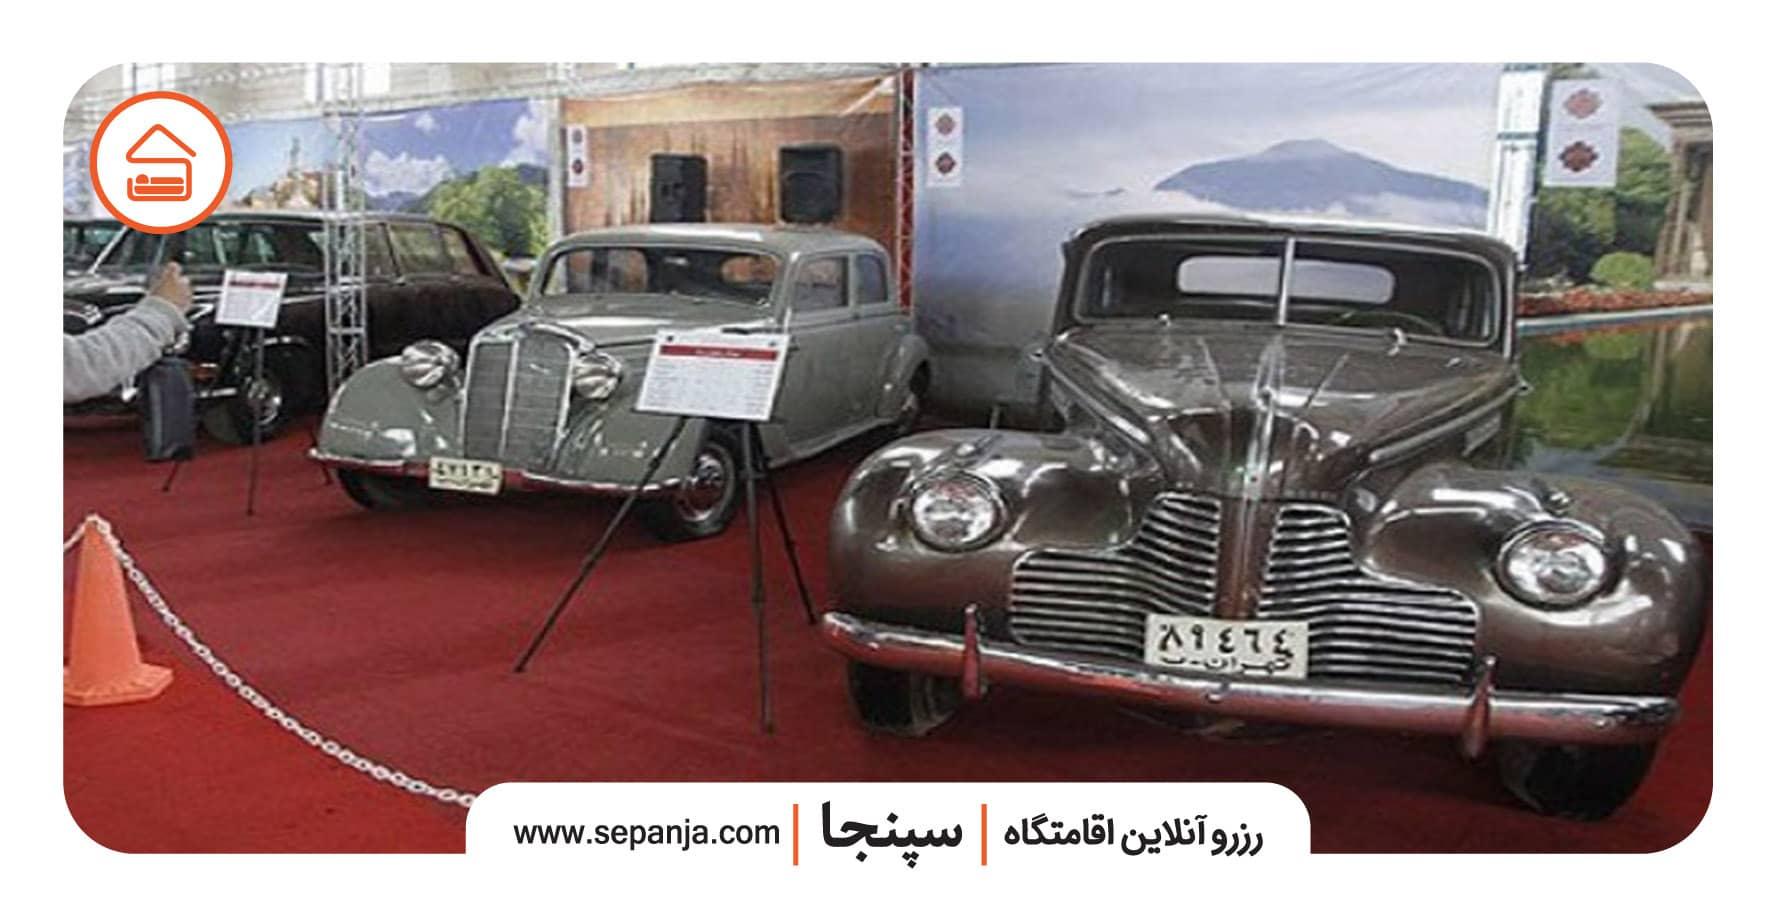 موزه ی خودروهای تاریخی چالوس